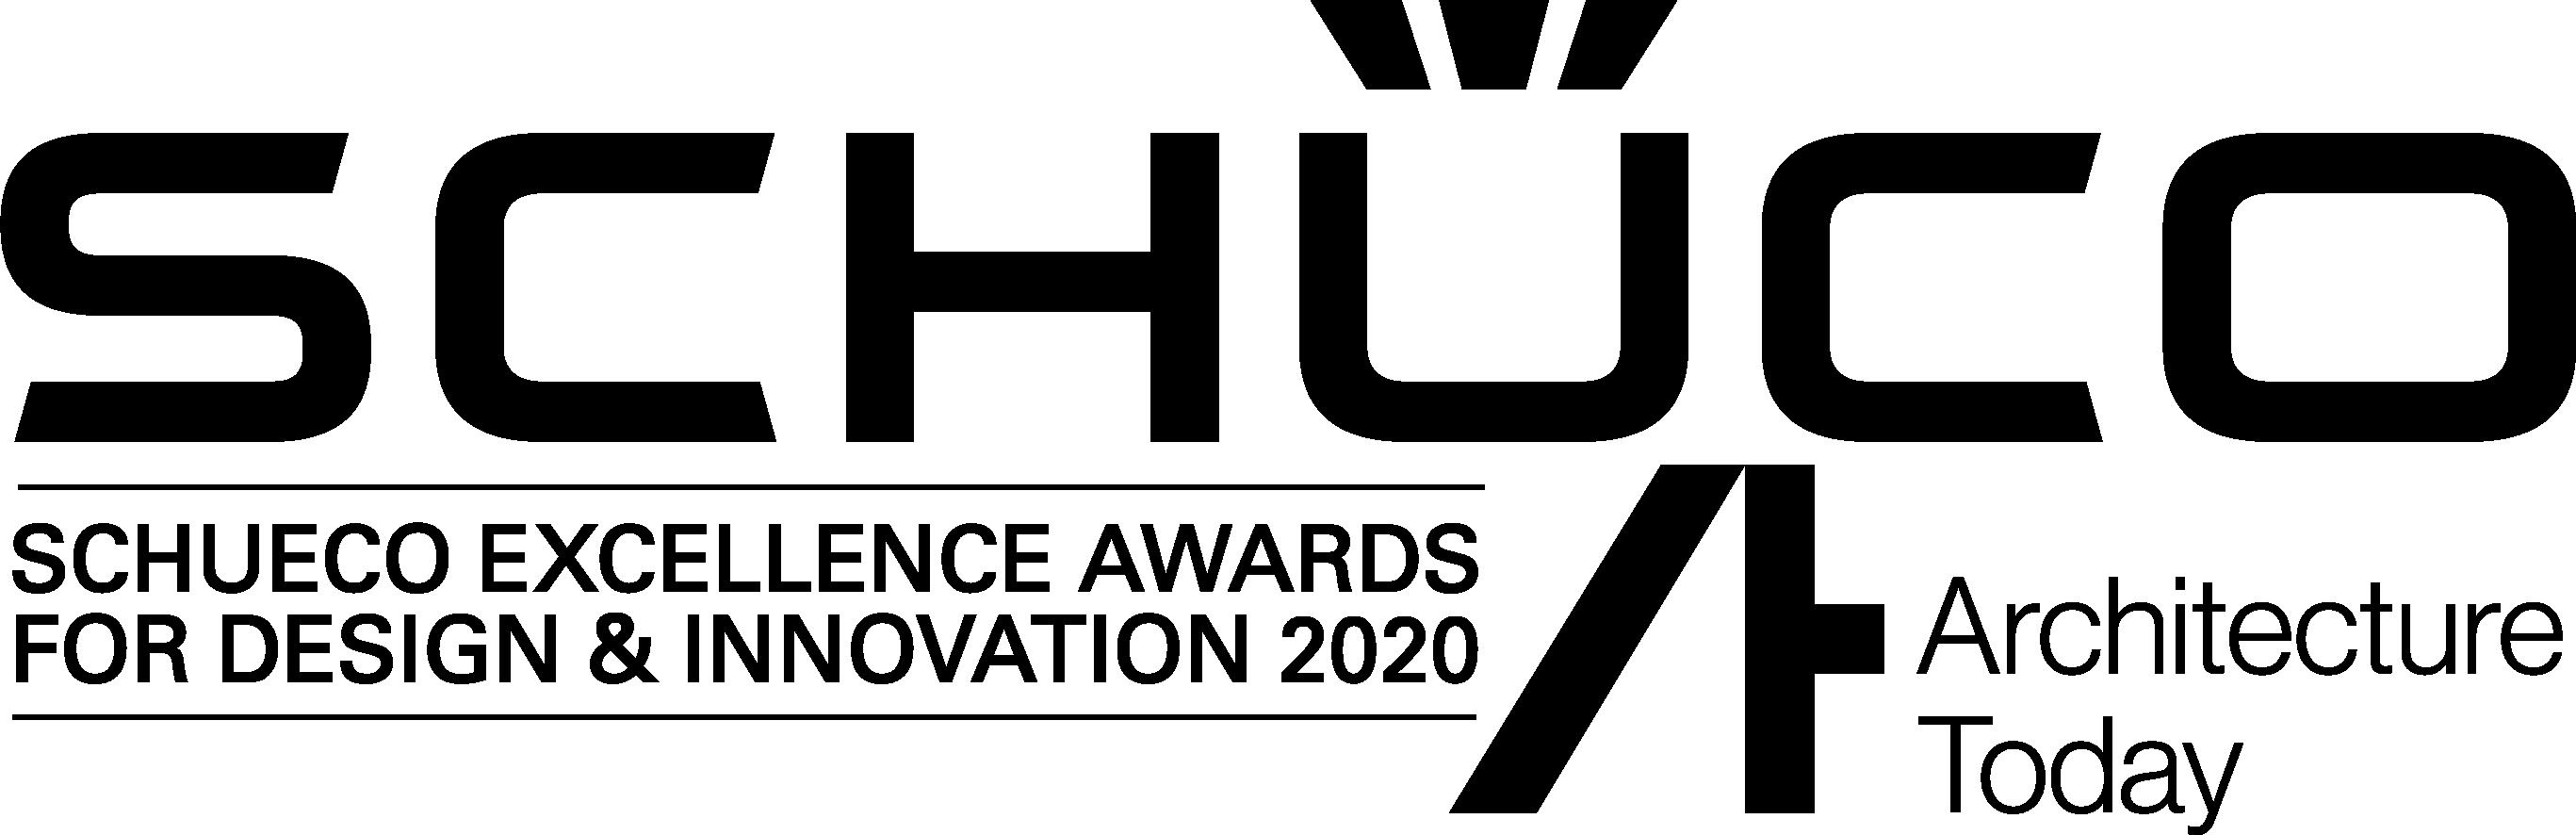 Schueco